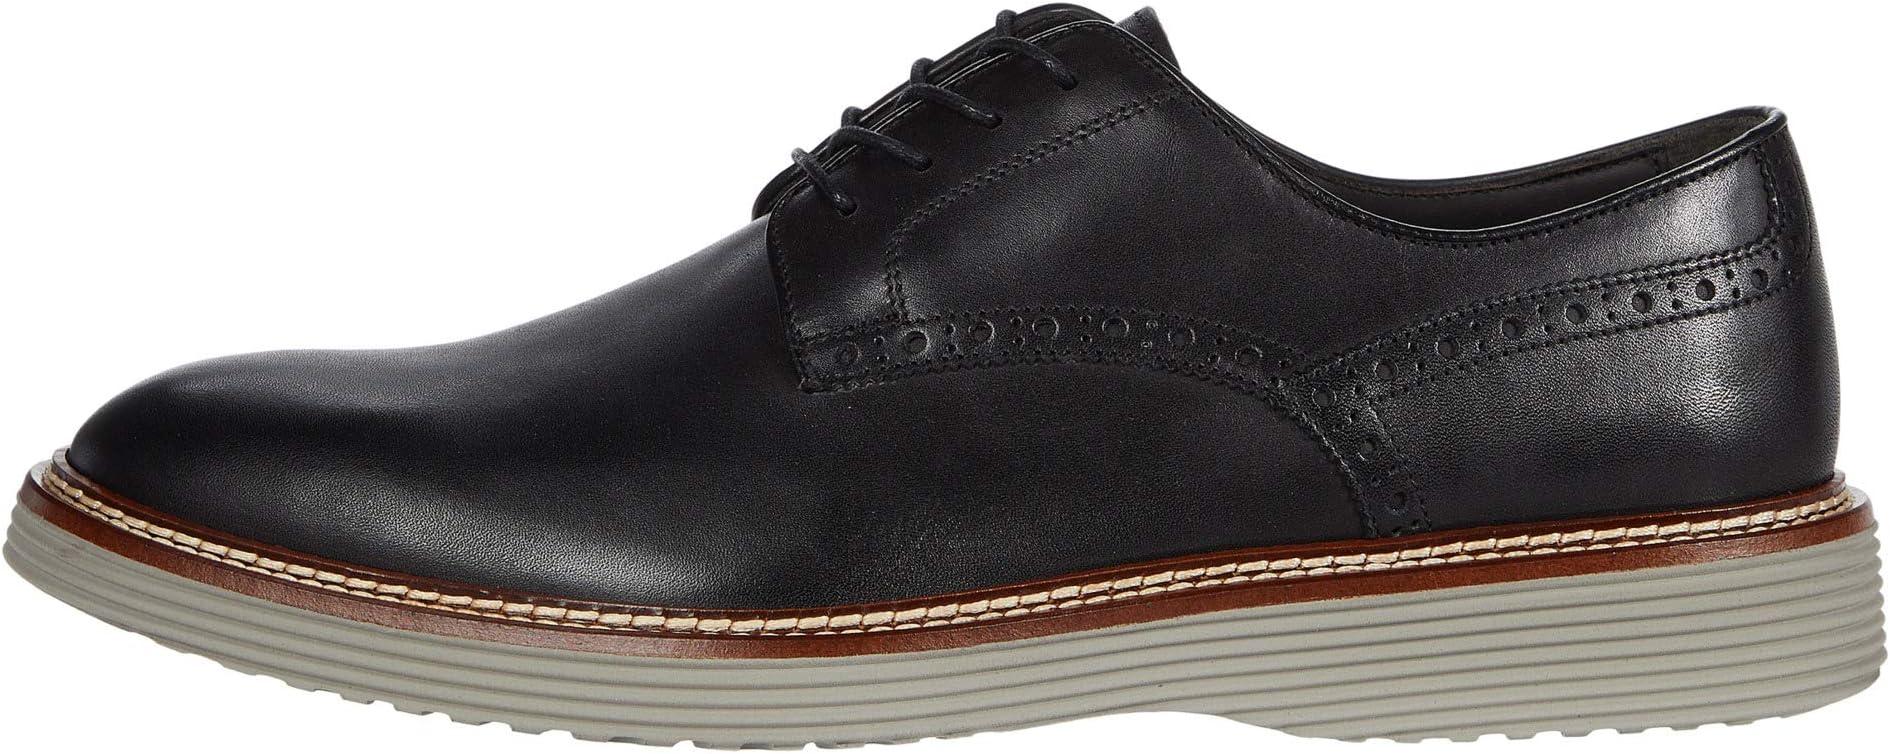 J&M Collection Casteel Plain Toe | Men's shoes | 2020 Newest